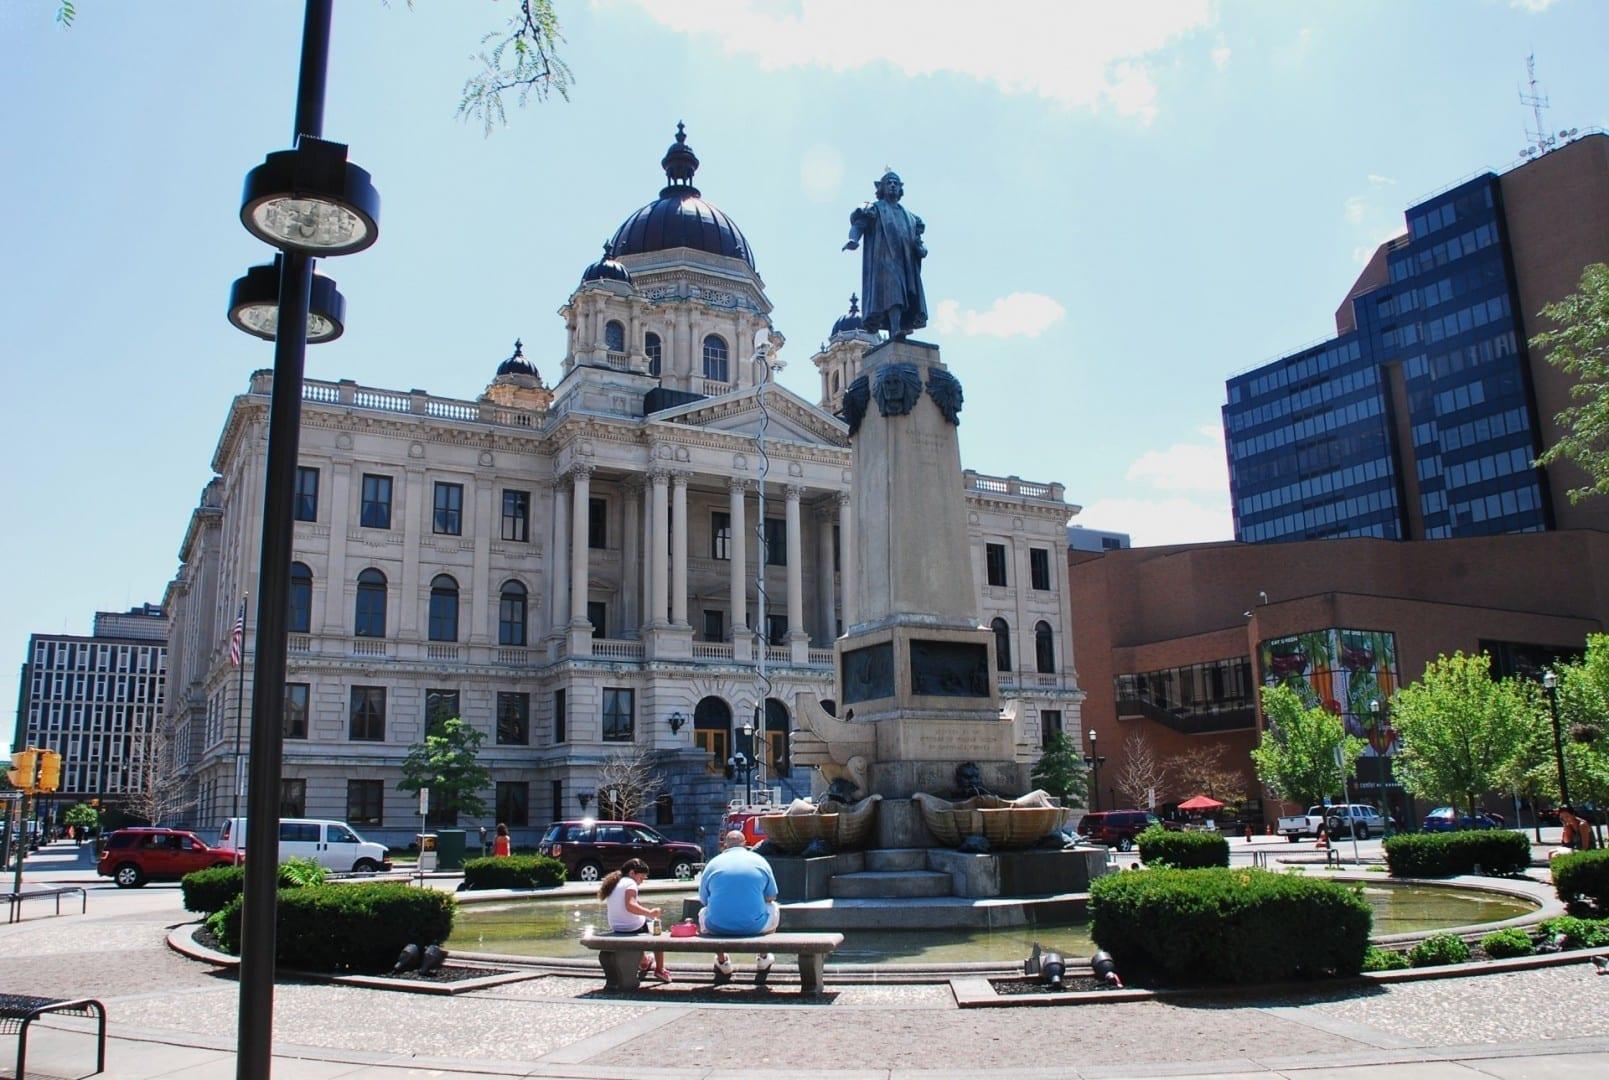 El Tribunal del Condado de Onondaga en Columbus Circle Syracuse NY Estados Unidos